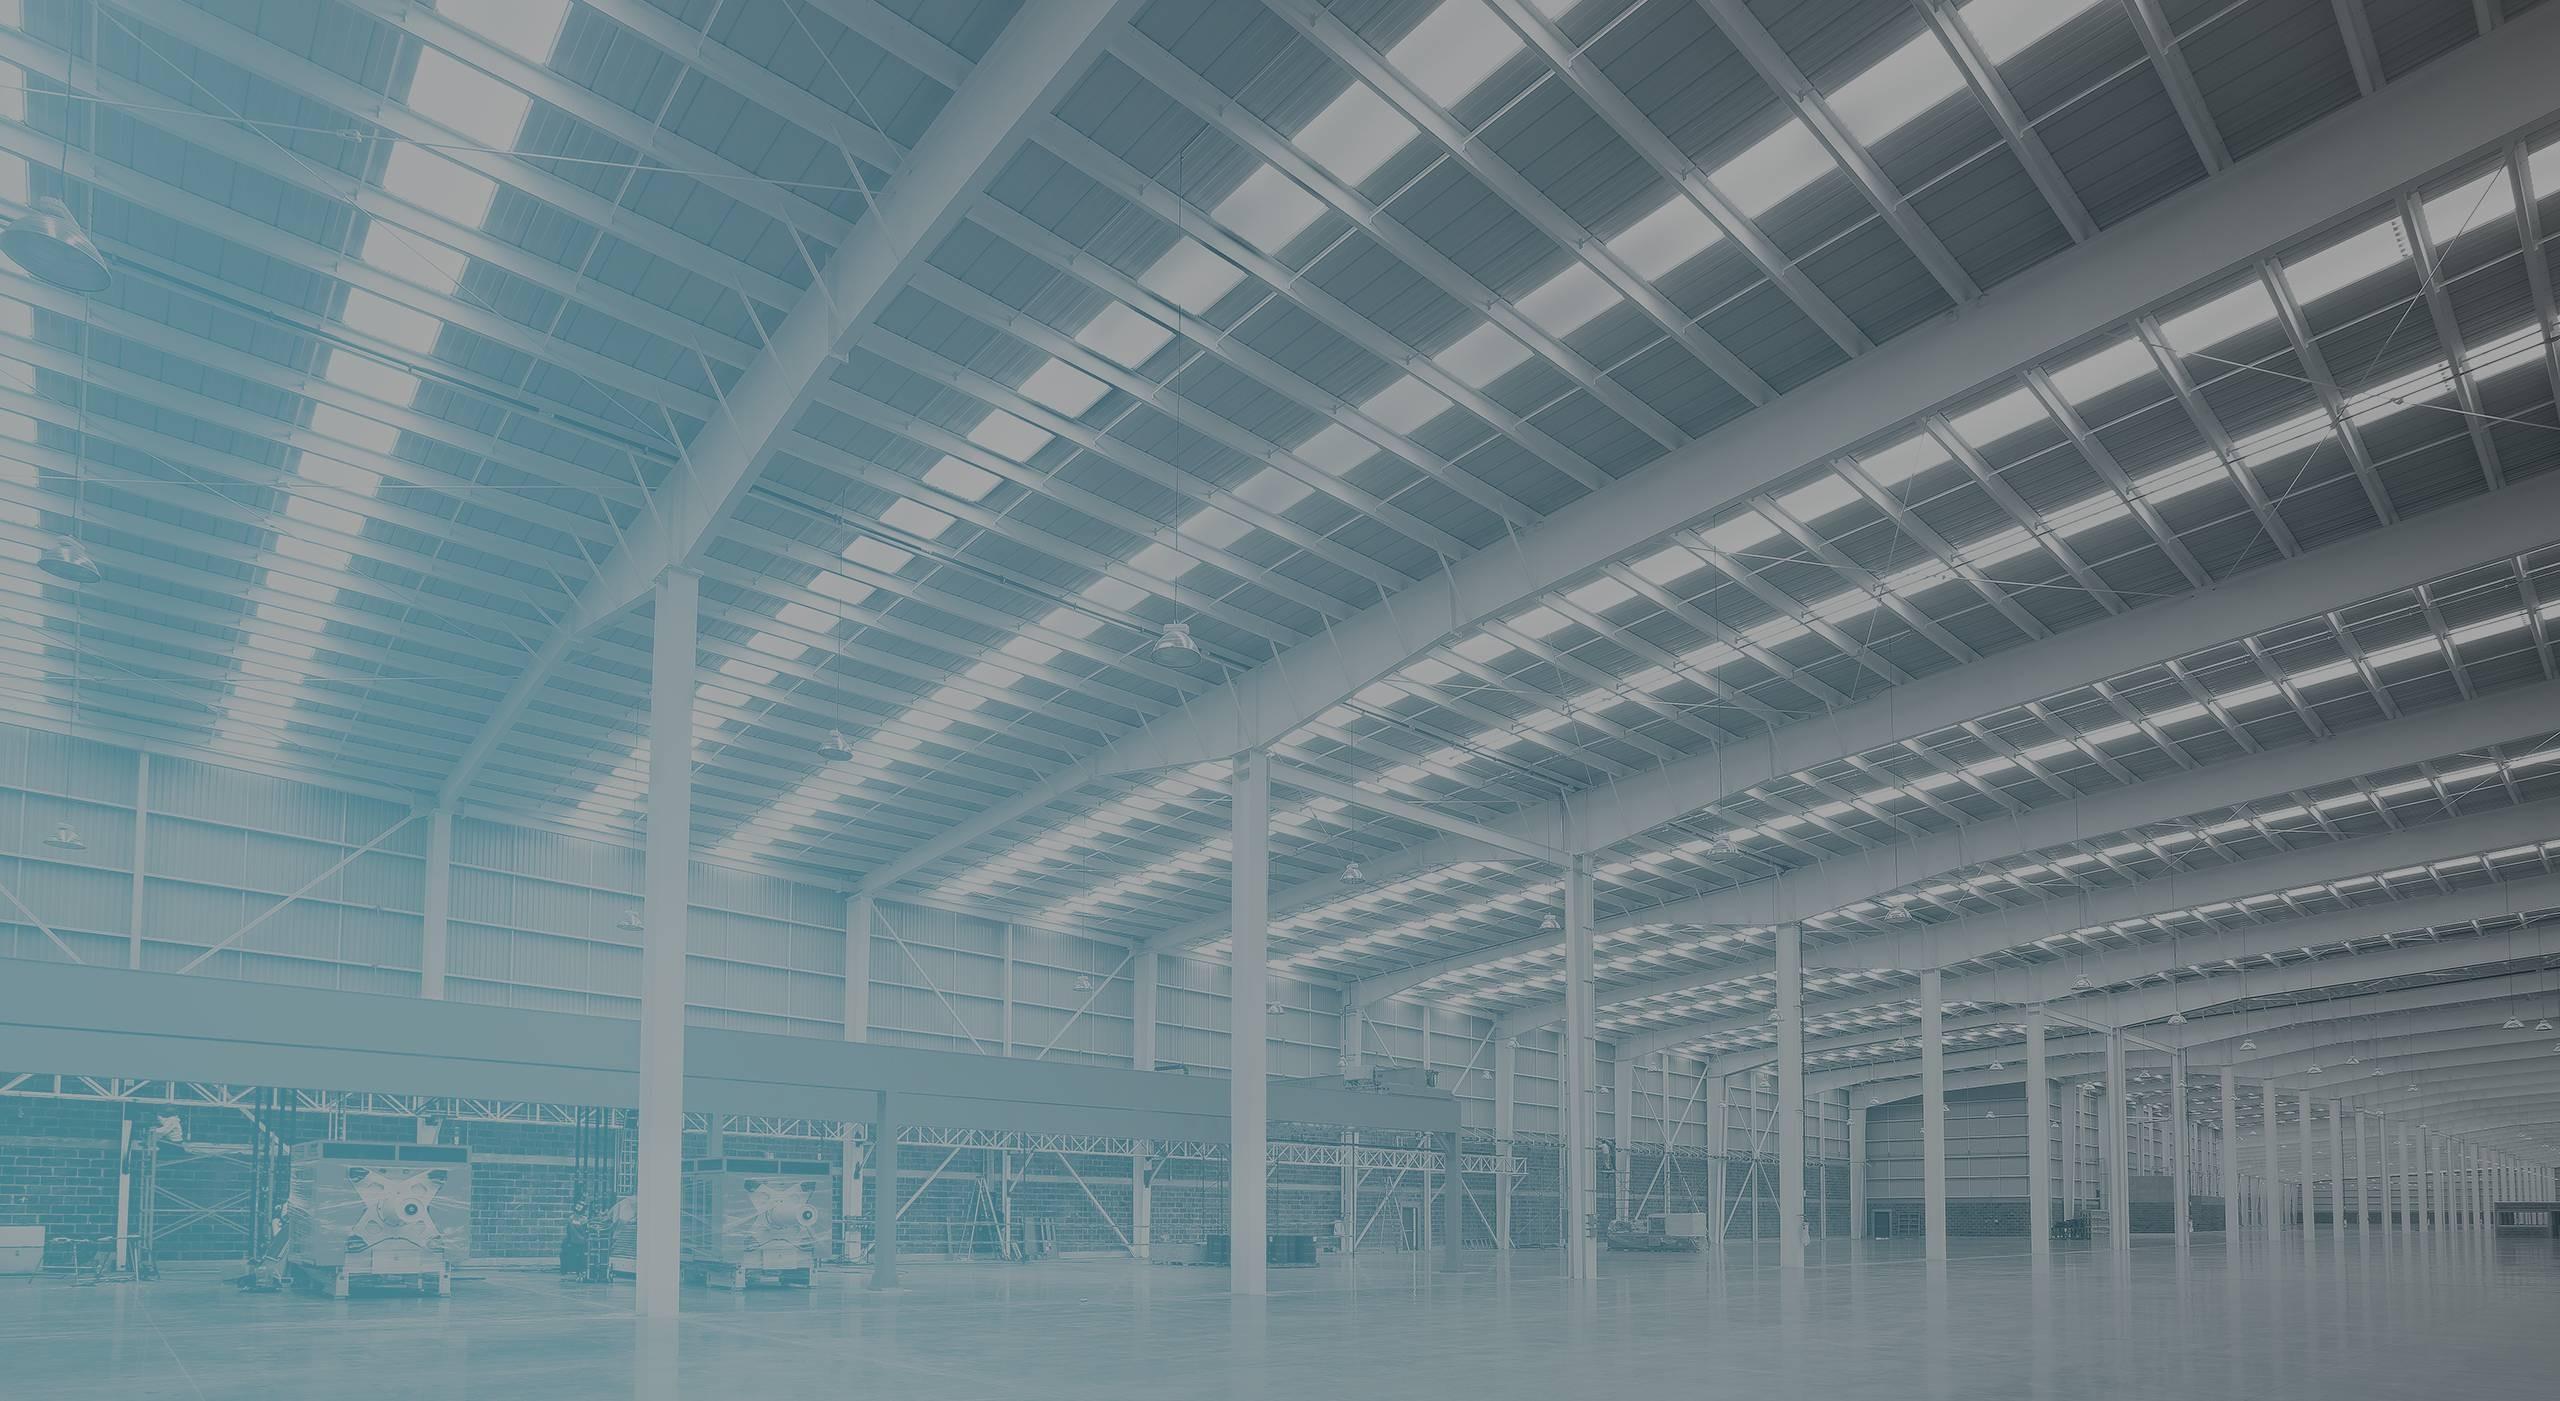 Constructores de centros de distribución, bodegas logísticas y naves industriales.